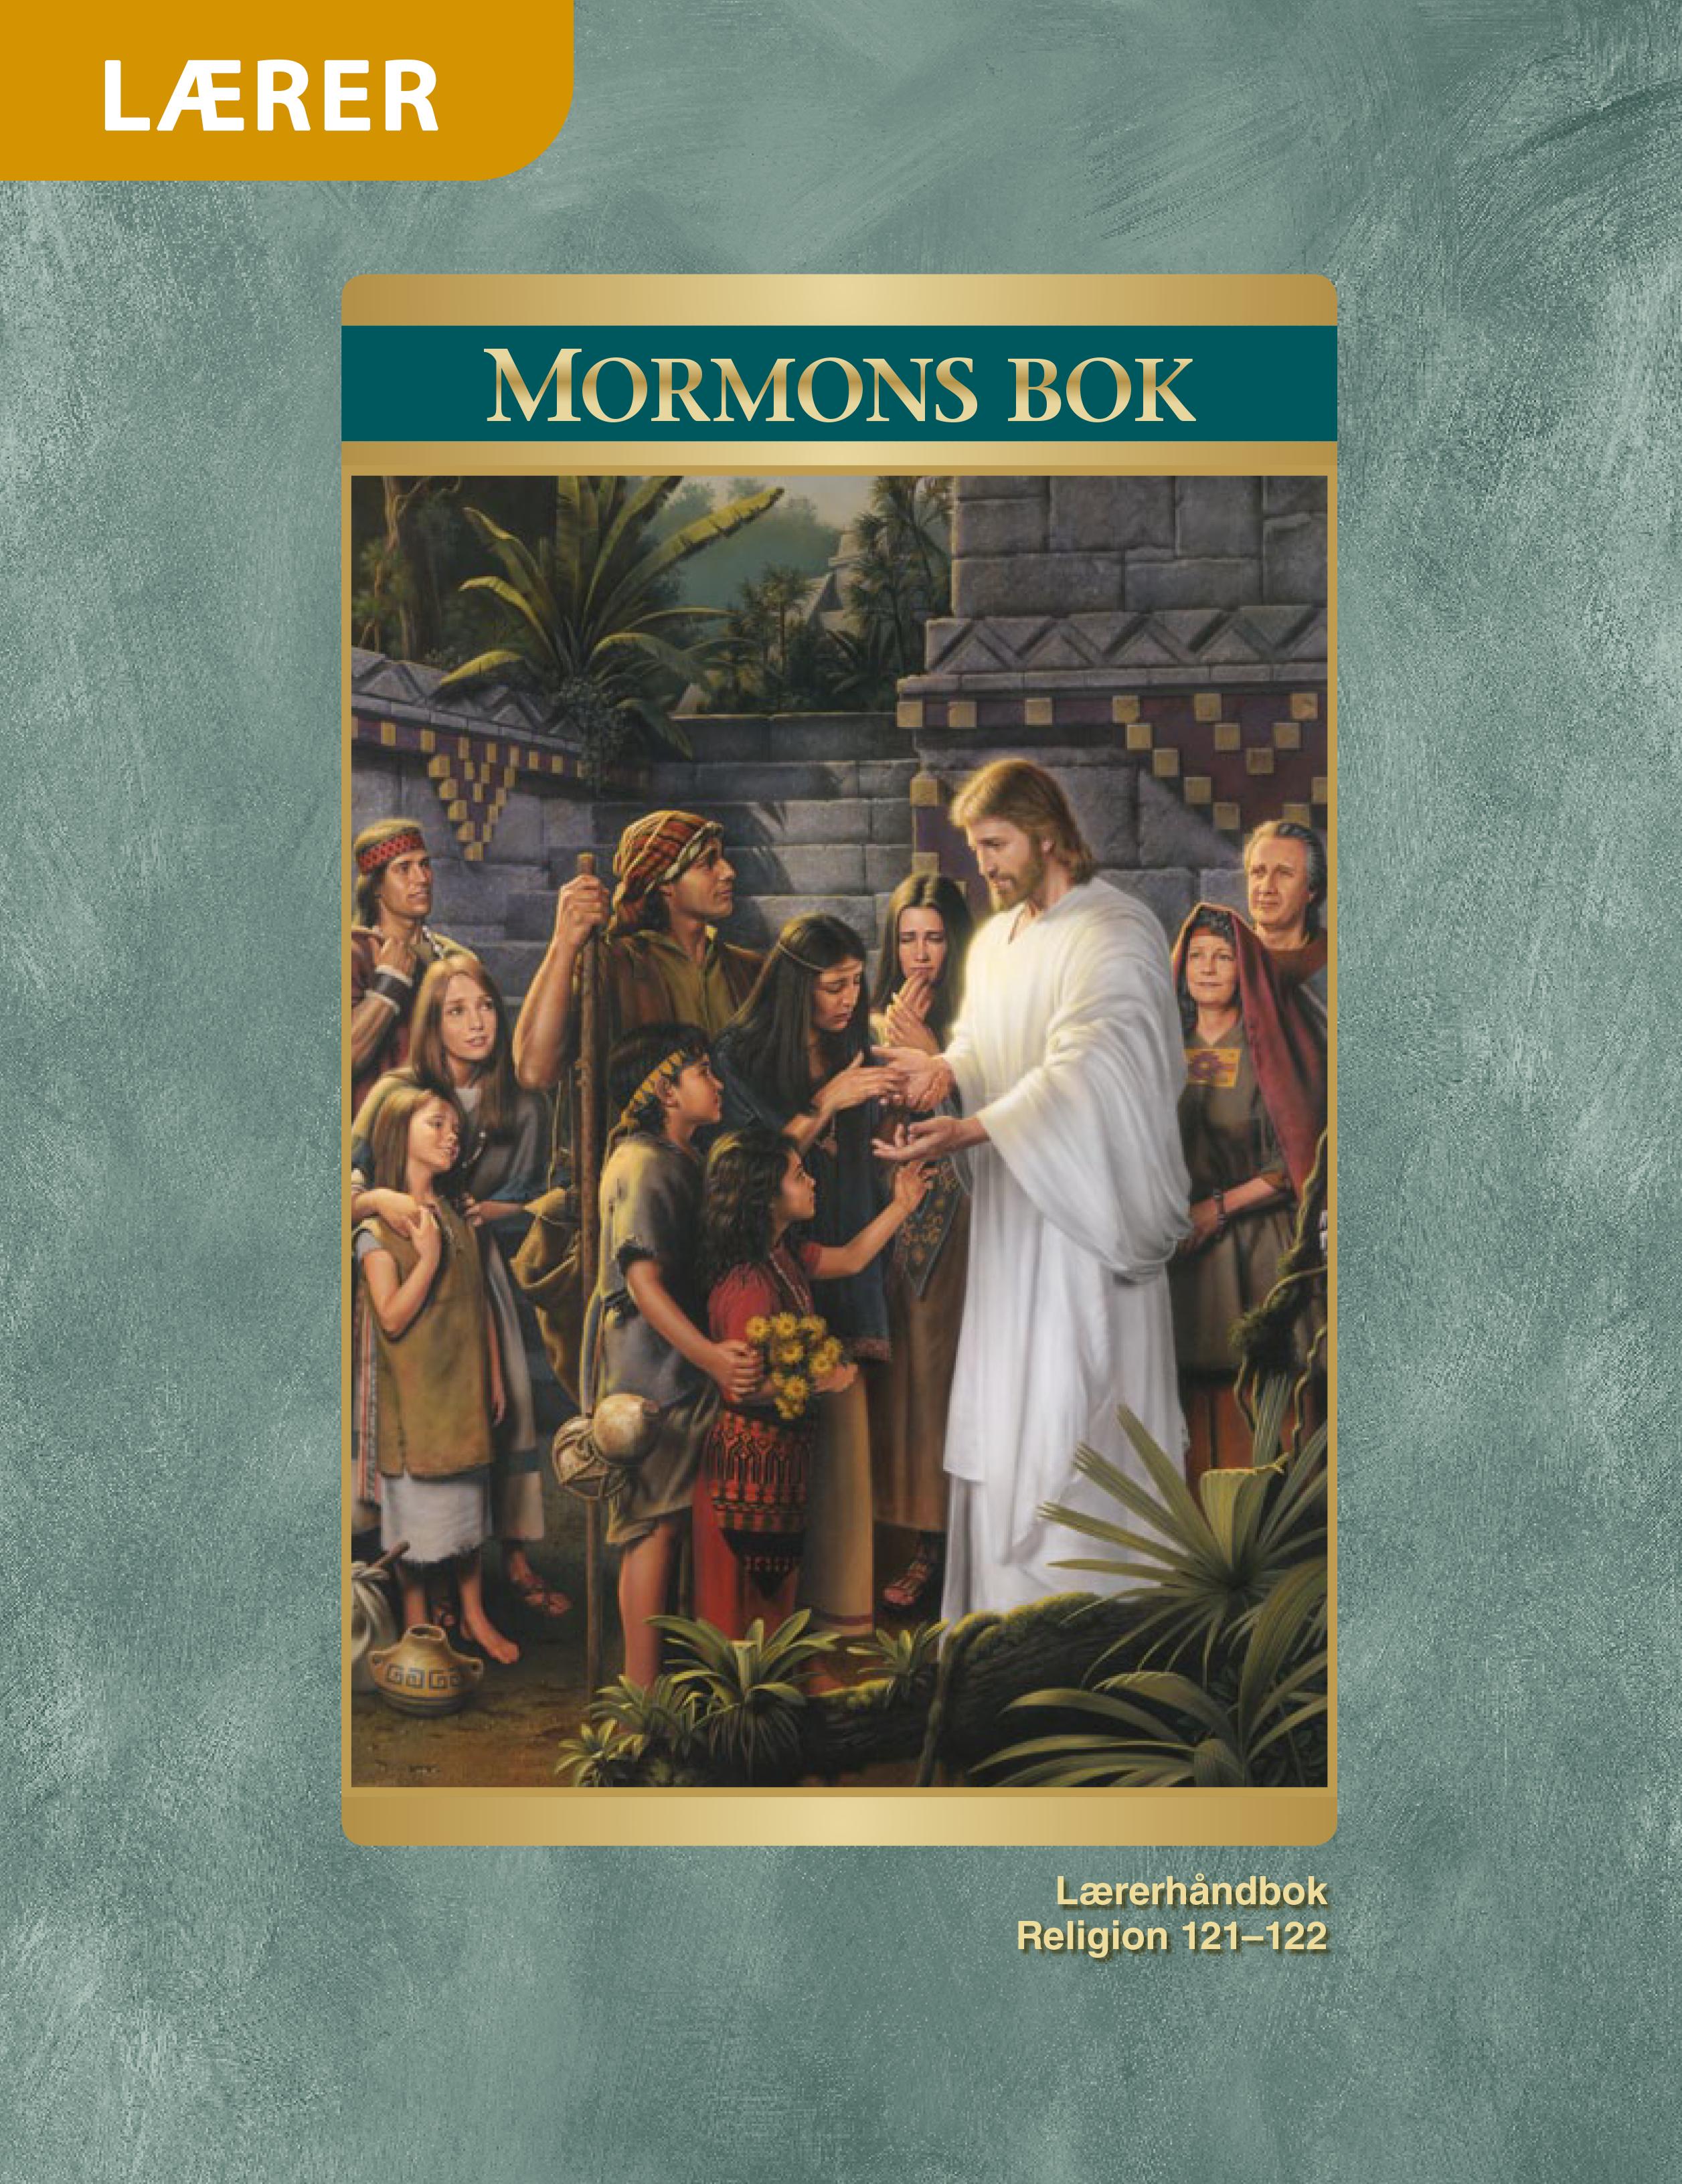 Mormons bok – Lærerhåndbok (Religion 121-122)